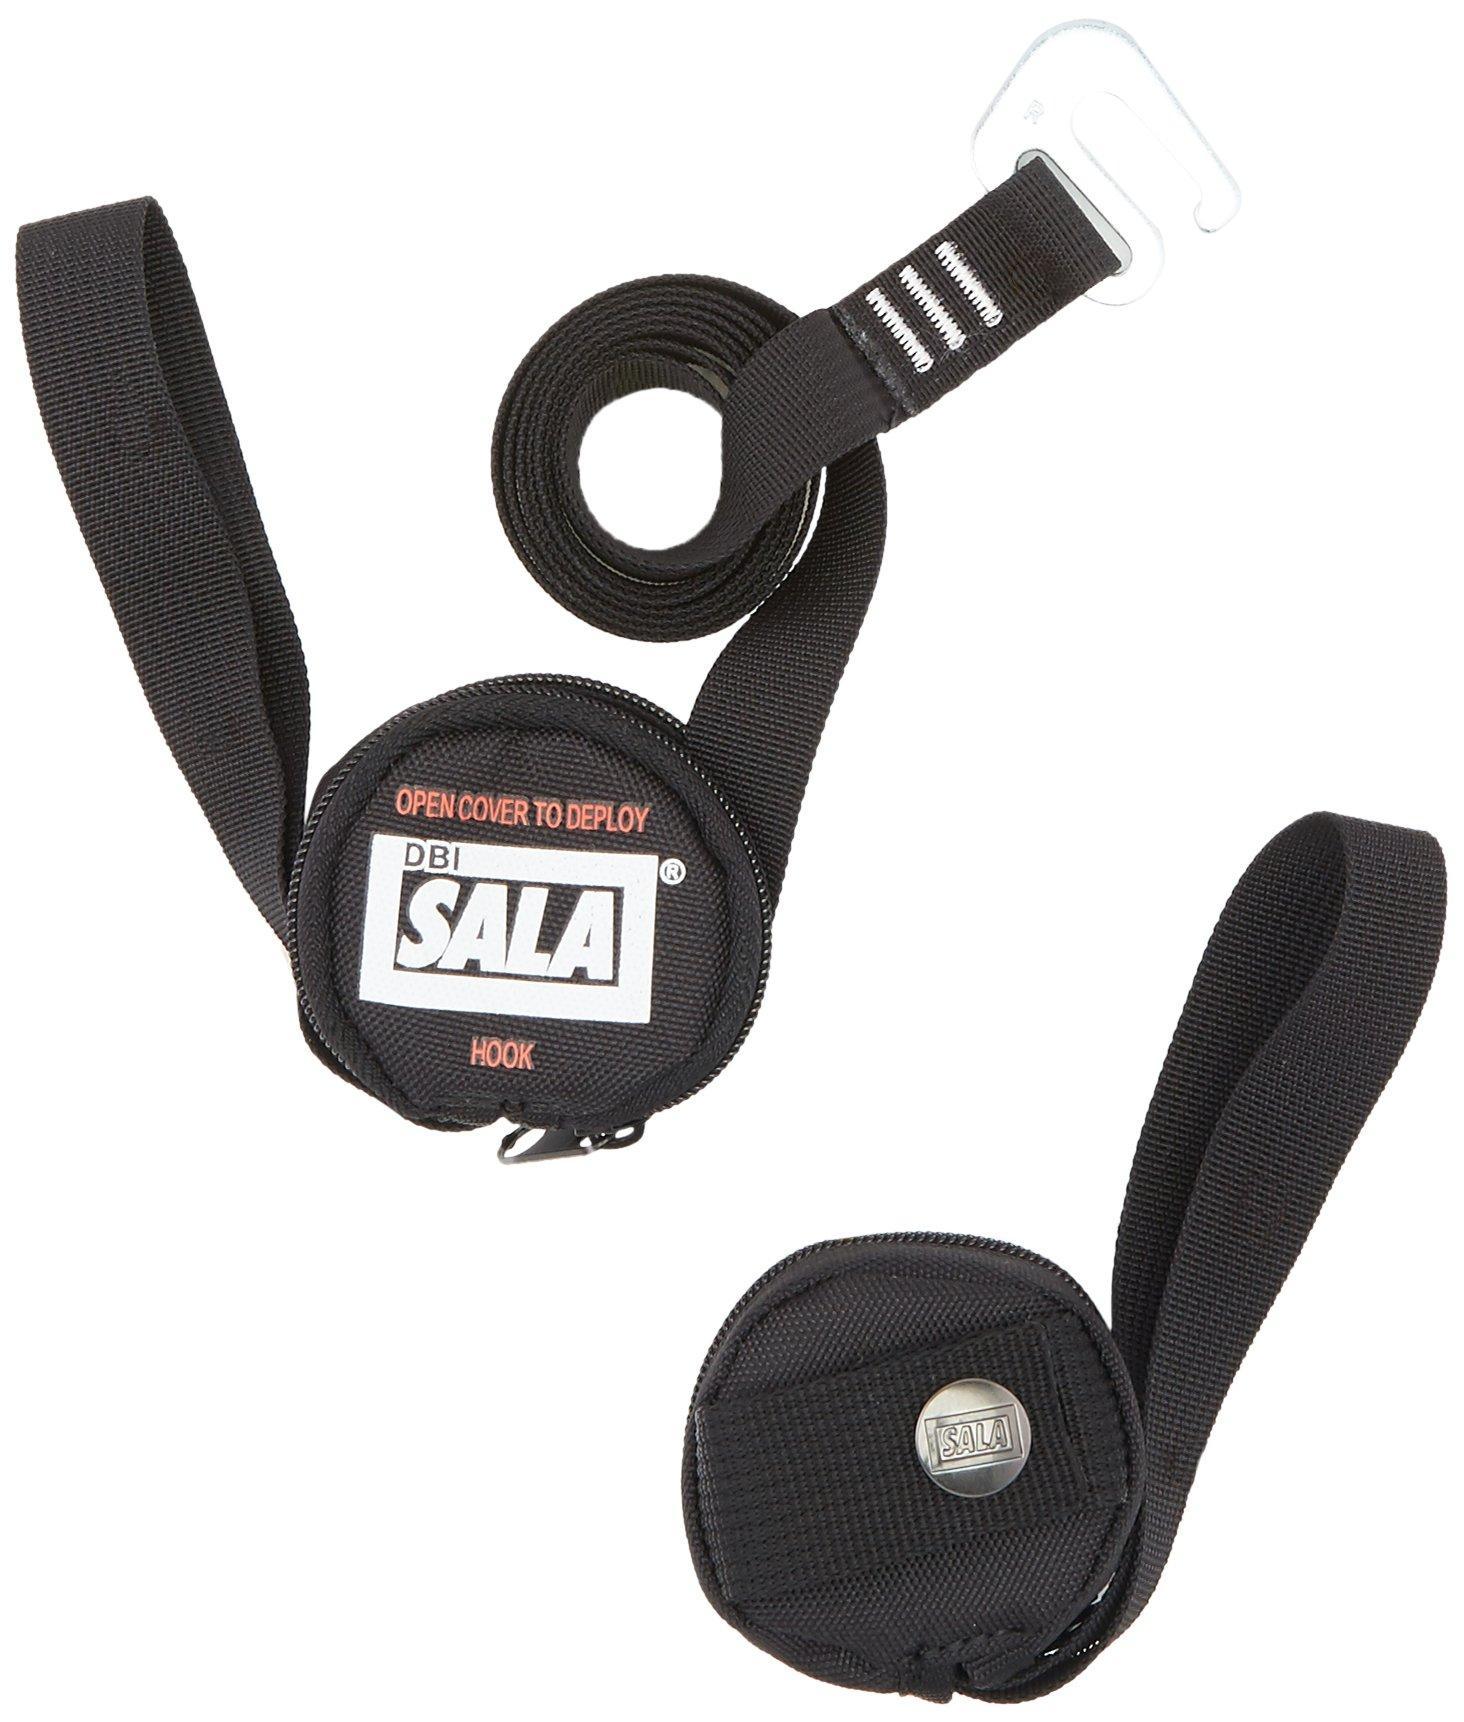 DBI/SALA 9501403 Suspension Trauma Safety Strap